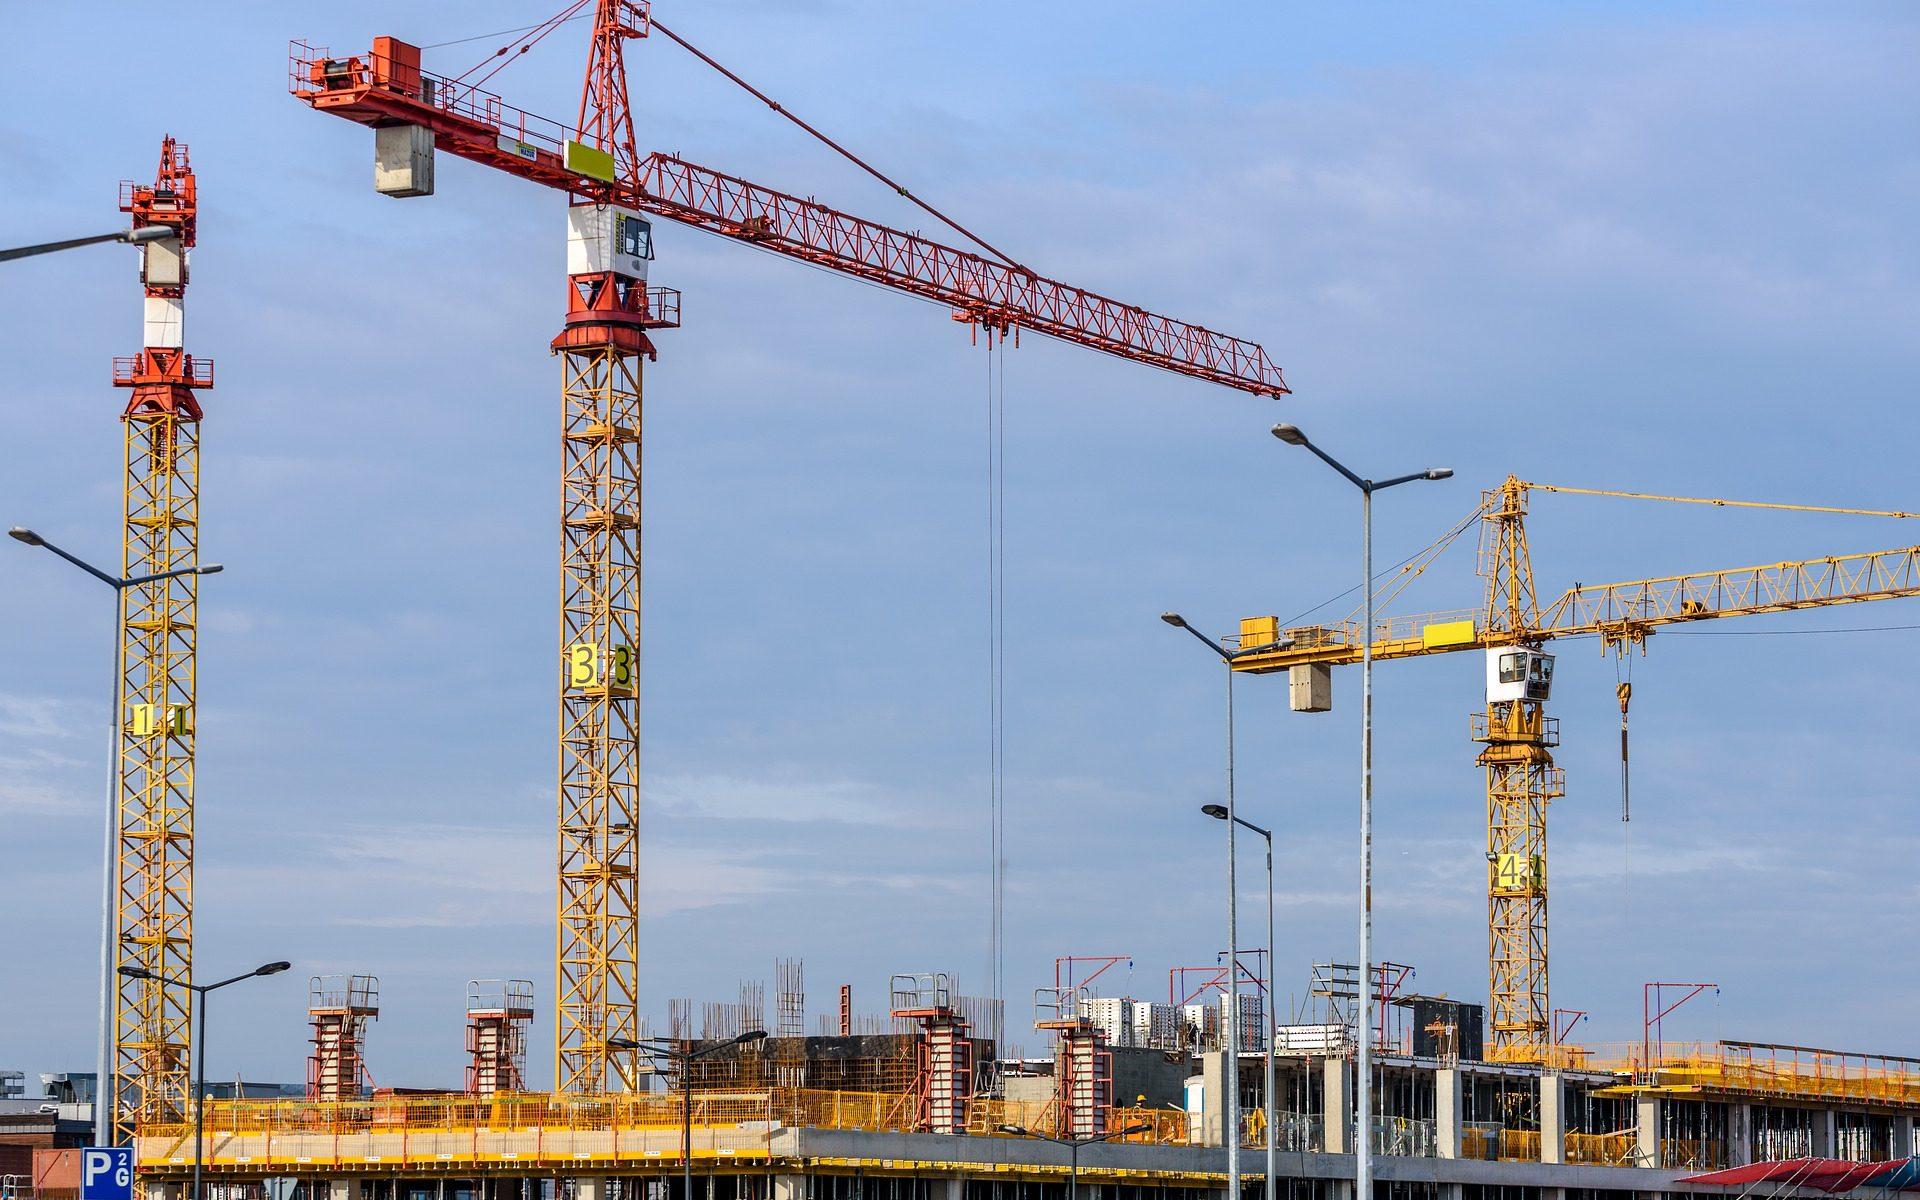 052e3ac637bc10 Na podstawie §2 Rozporządzenia Ministra Infastruktury w sprawie  bezpieczeństwa i higieny pracy podczas wykonywania robót budowlanych  wykonawca ma obowiązek ...